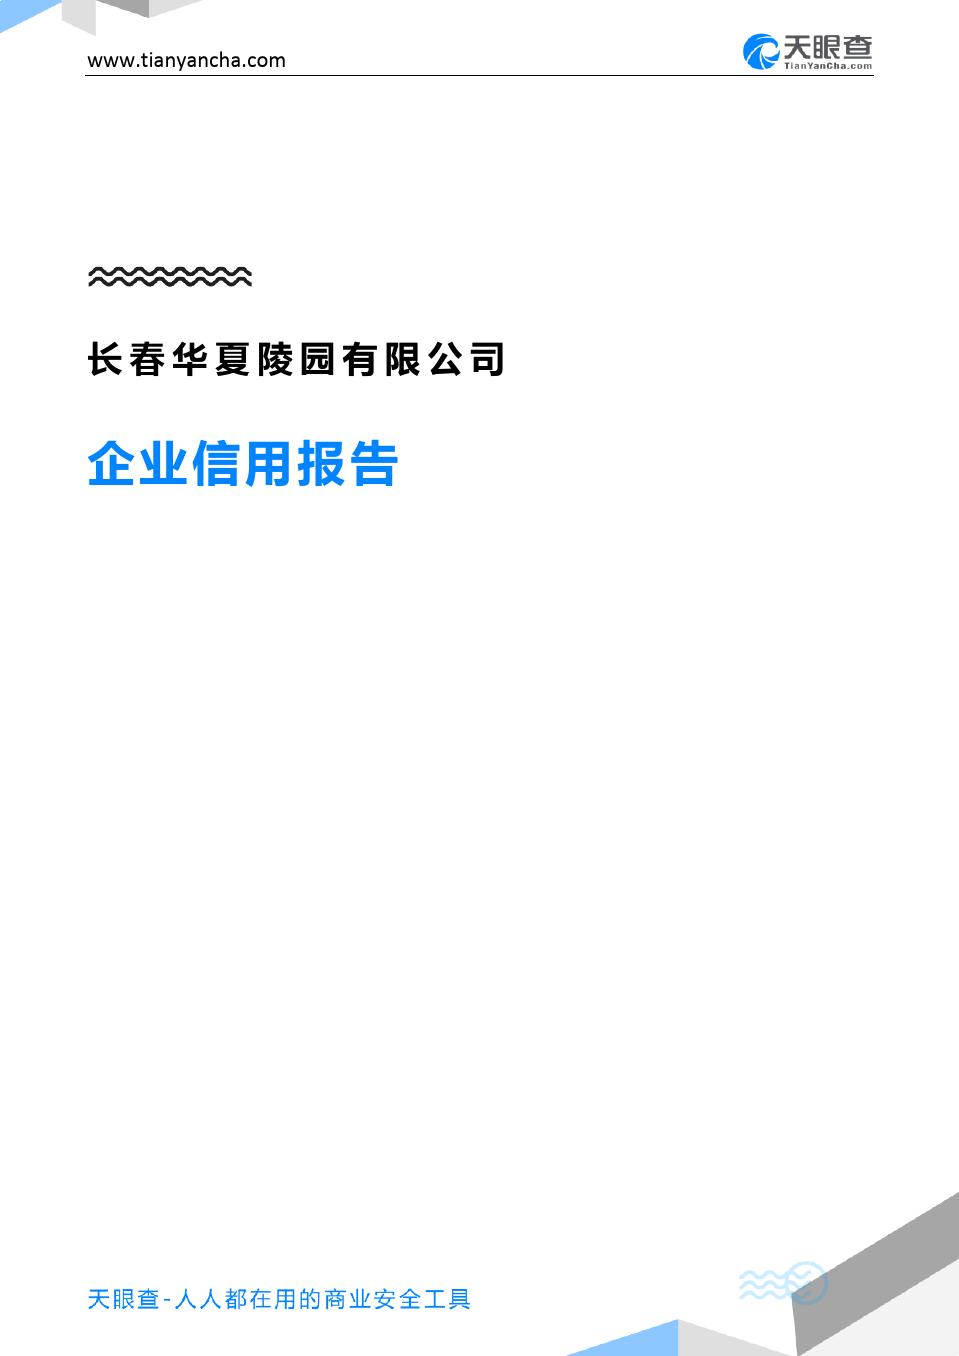 长春华夏陵园有限公司(企业信用报告)- 天眼查